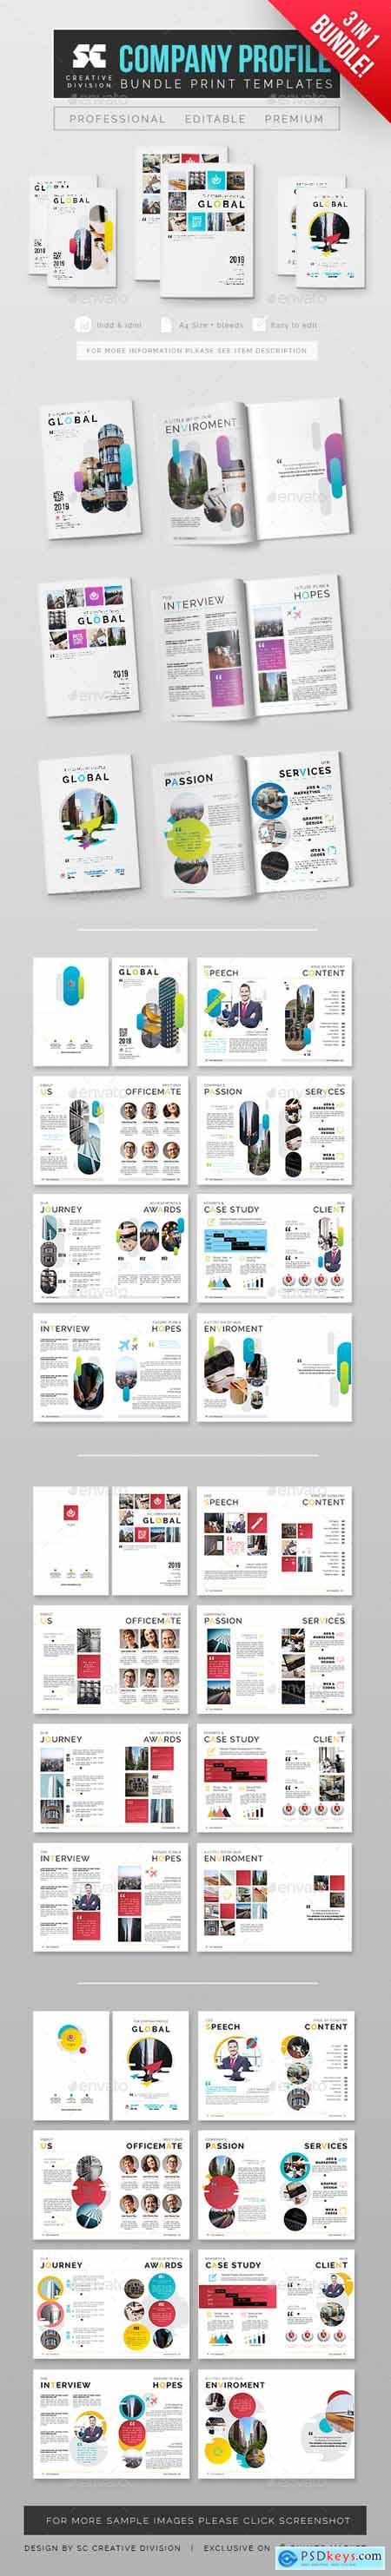 Company Profile Bundle 3 In 1 24776320